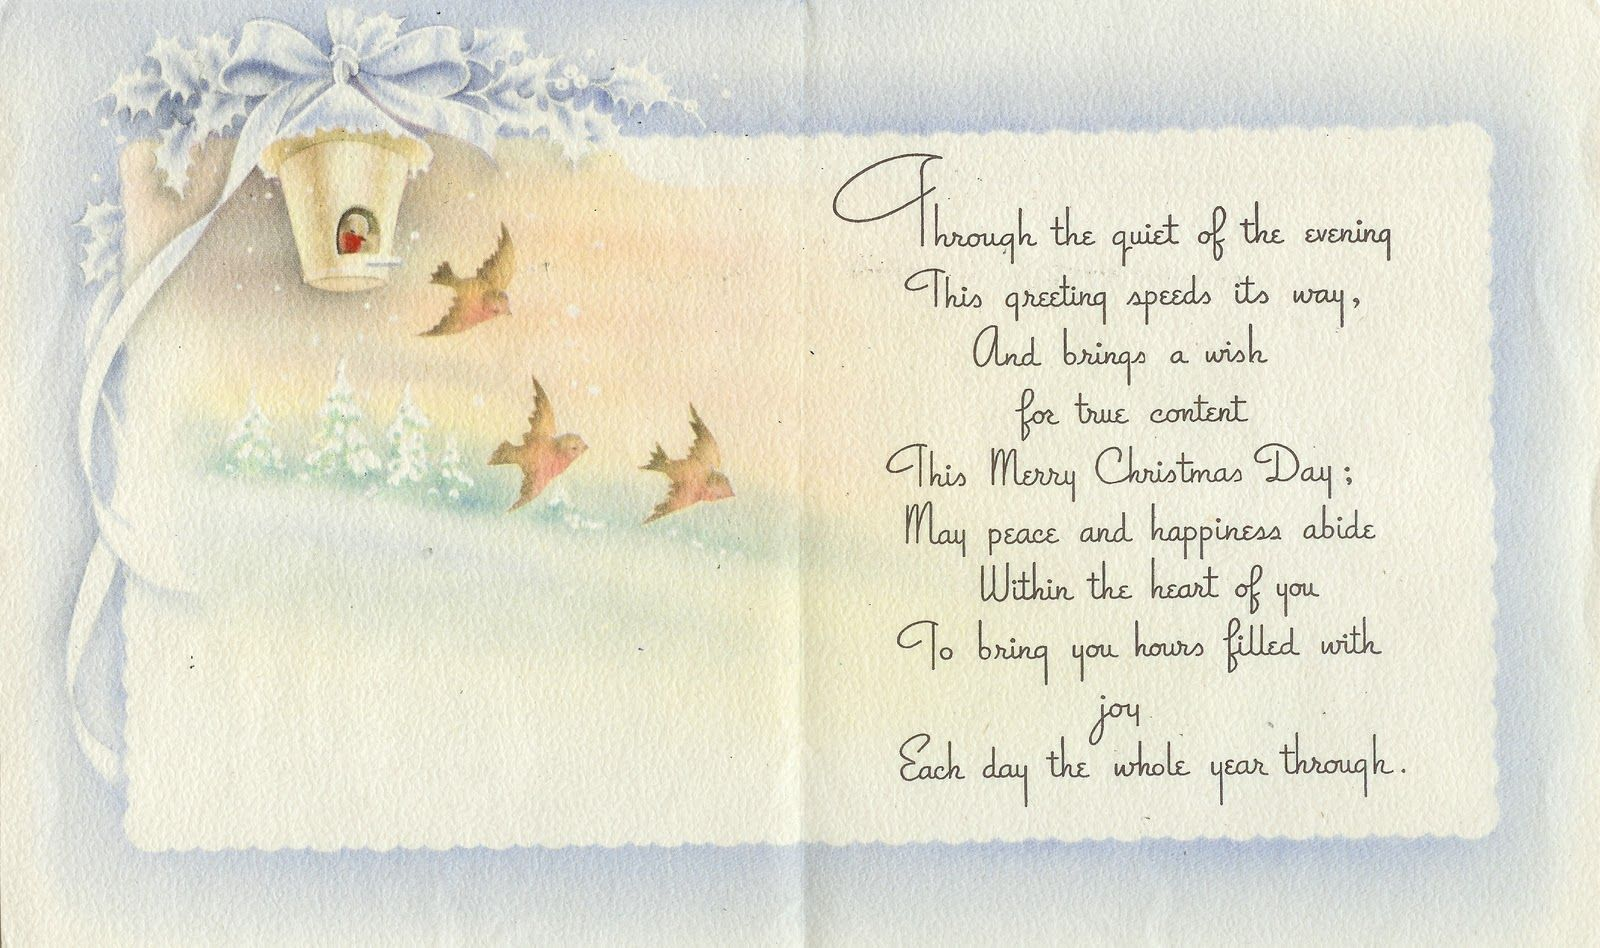 Christmas Card Sayings | wanted to share this christmas greeting I ...